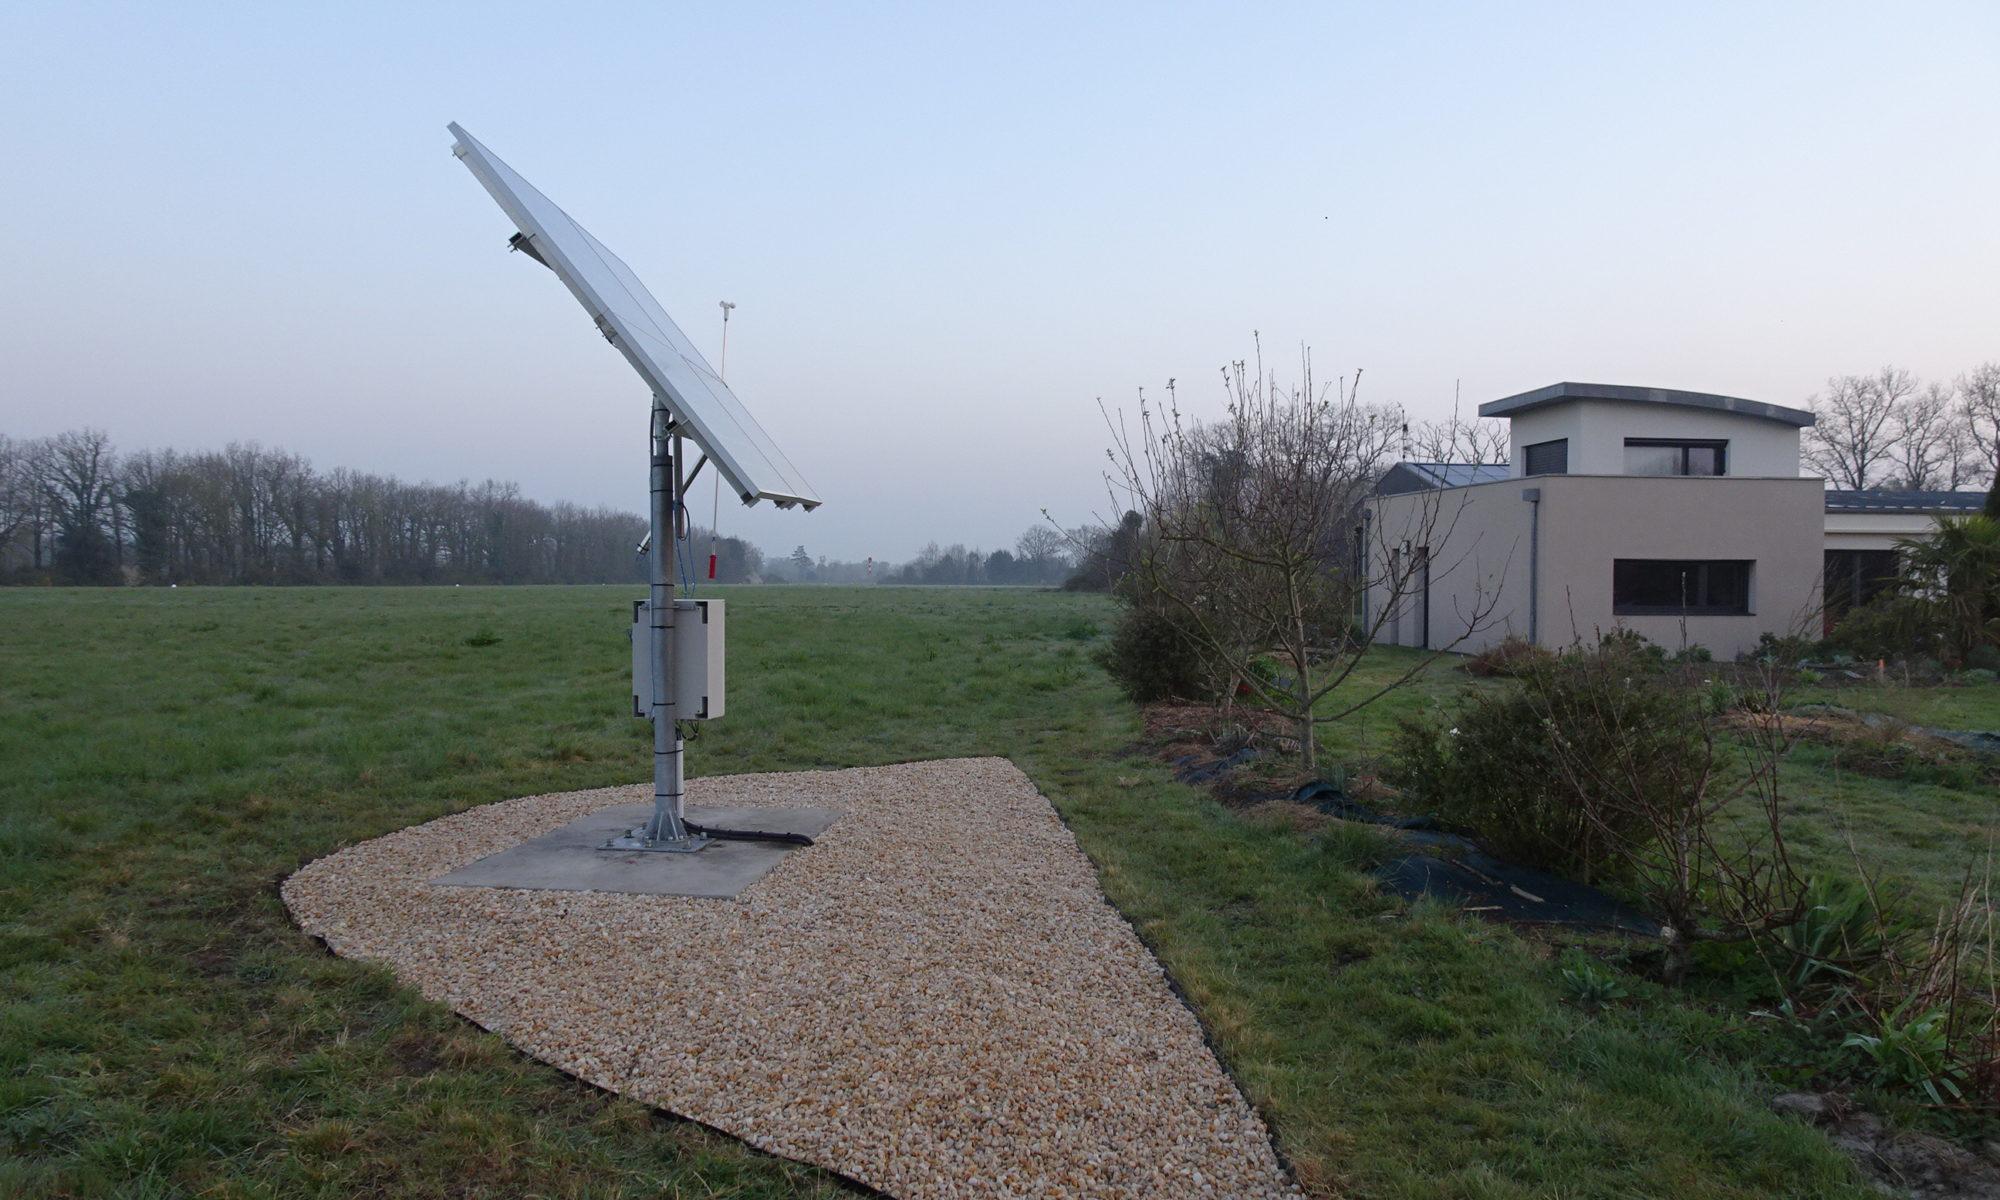 Suiveur solaire Tournesol : le panneau solaire de petite capacité, adapté aux maisons individuelles et pavillons